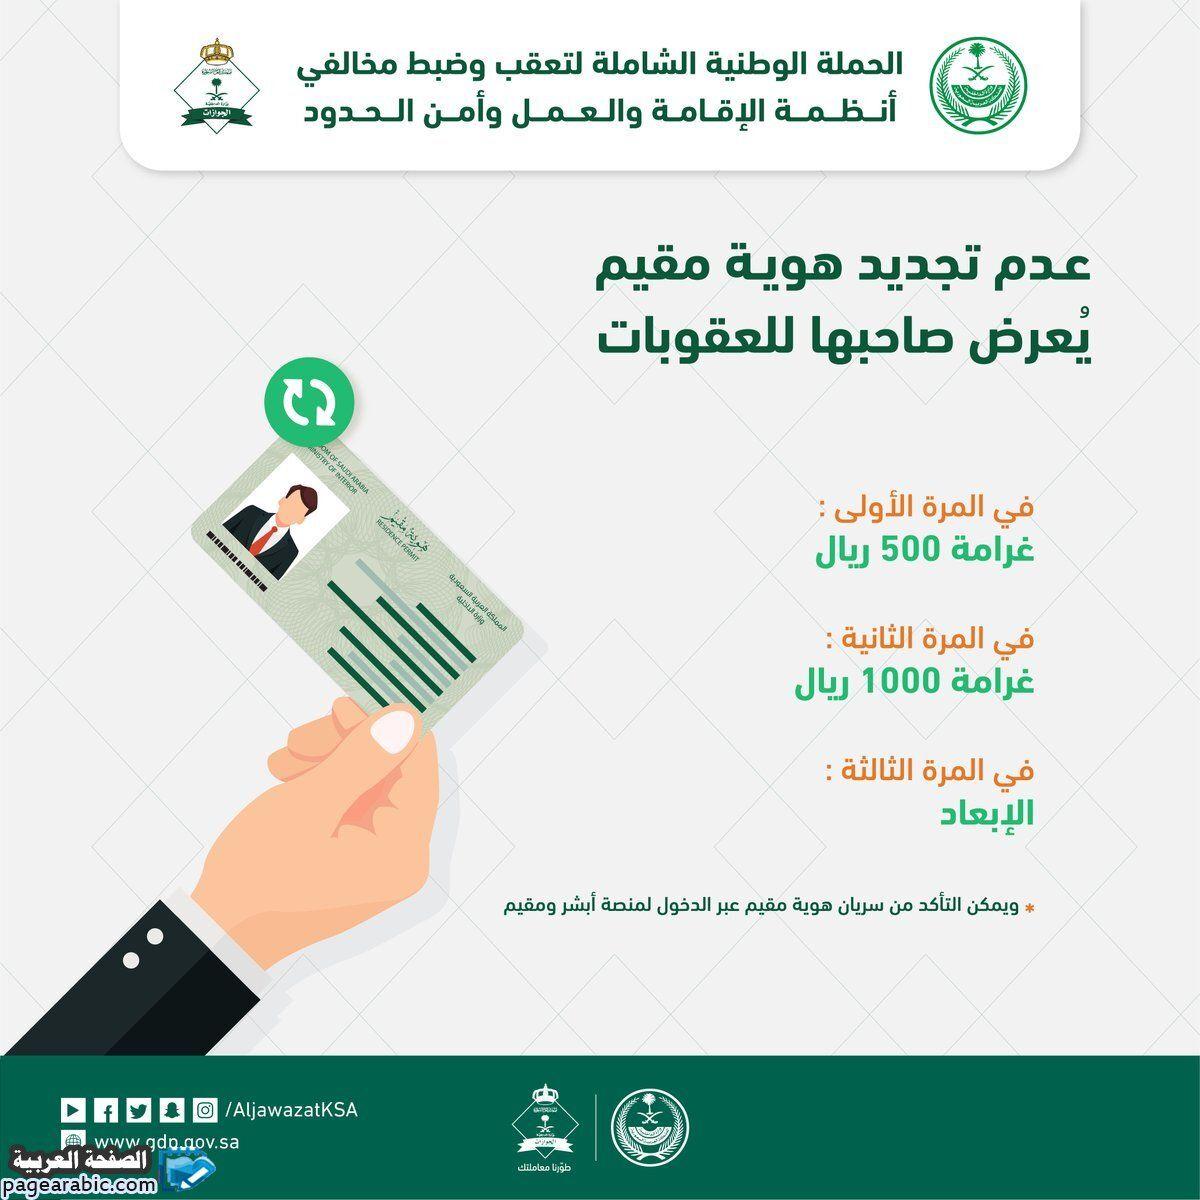 غرامة إنتهاء صلاحية الإقامة في السعودية لليمنيين المصريين وغيرهم الصفحة العربية Map Map Screenshot